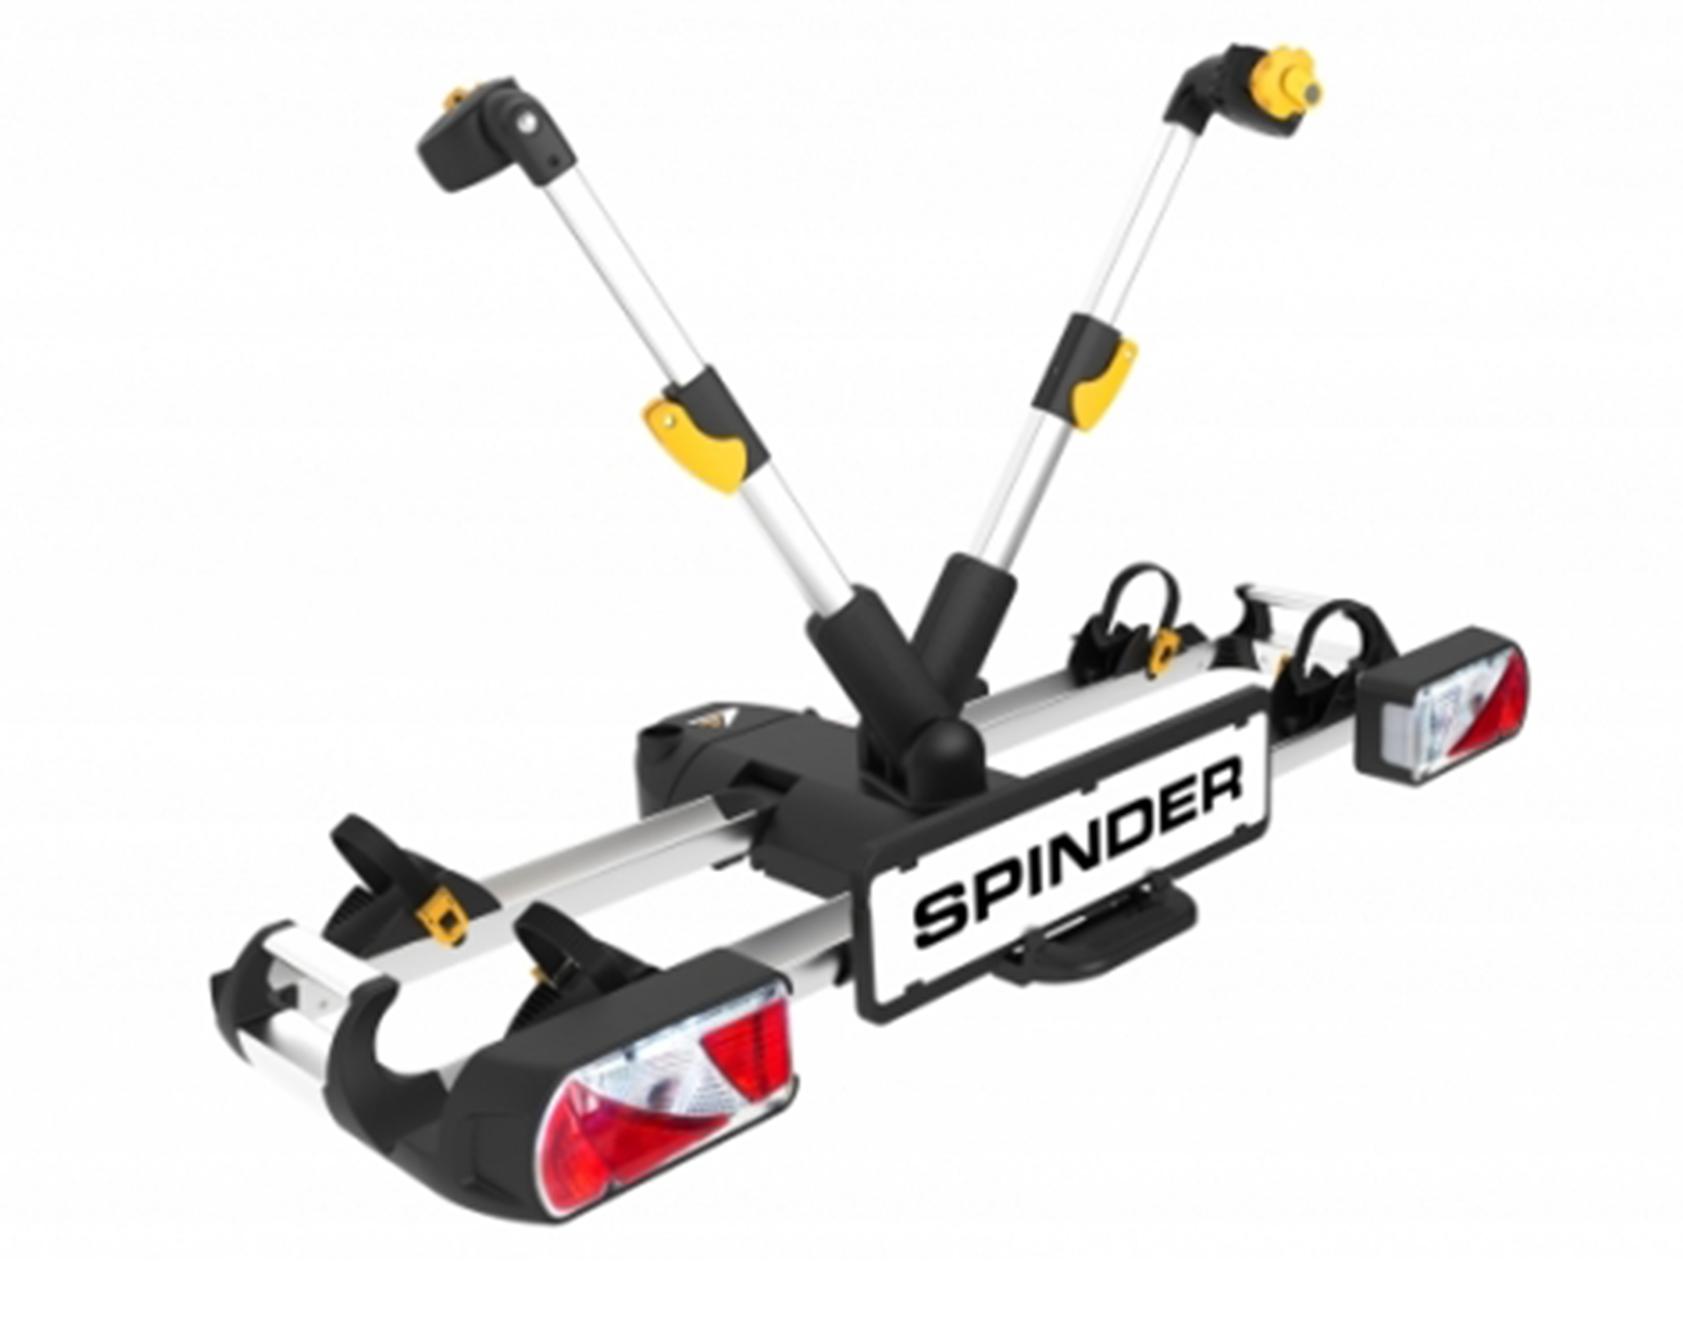 Spinder Xplorer +